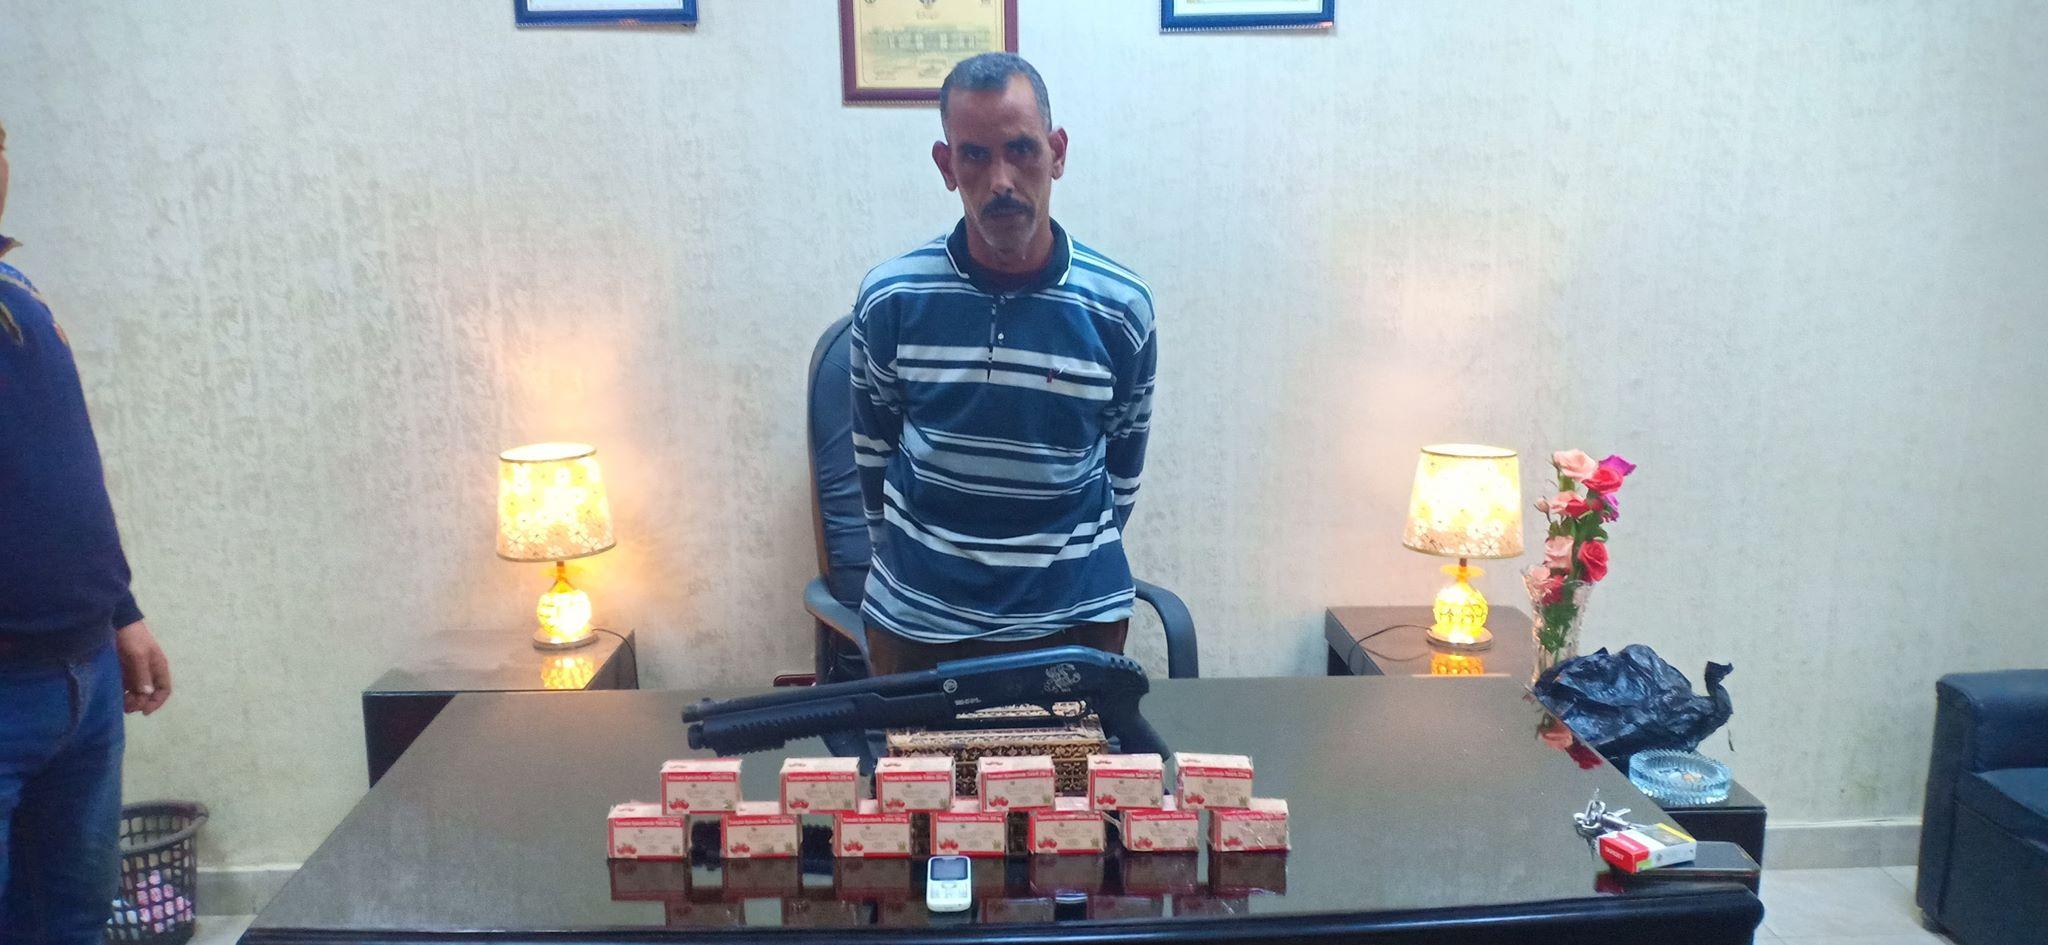 محجوب يفشل في الهروب ويسقط بمخدراته في قبضة النقيب محمد خطاب بمركز كفر الزيات